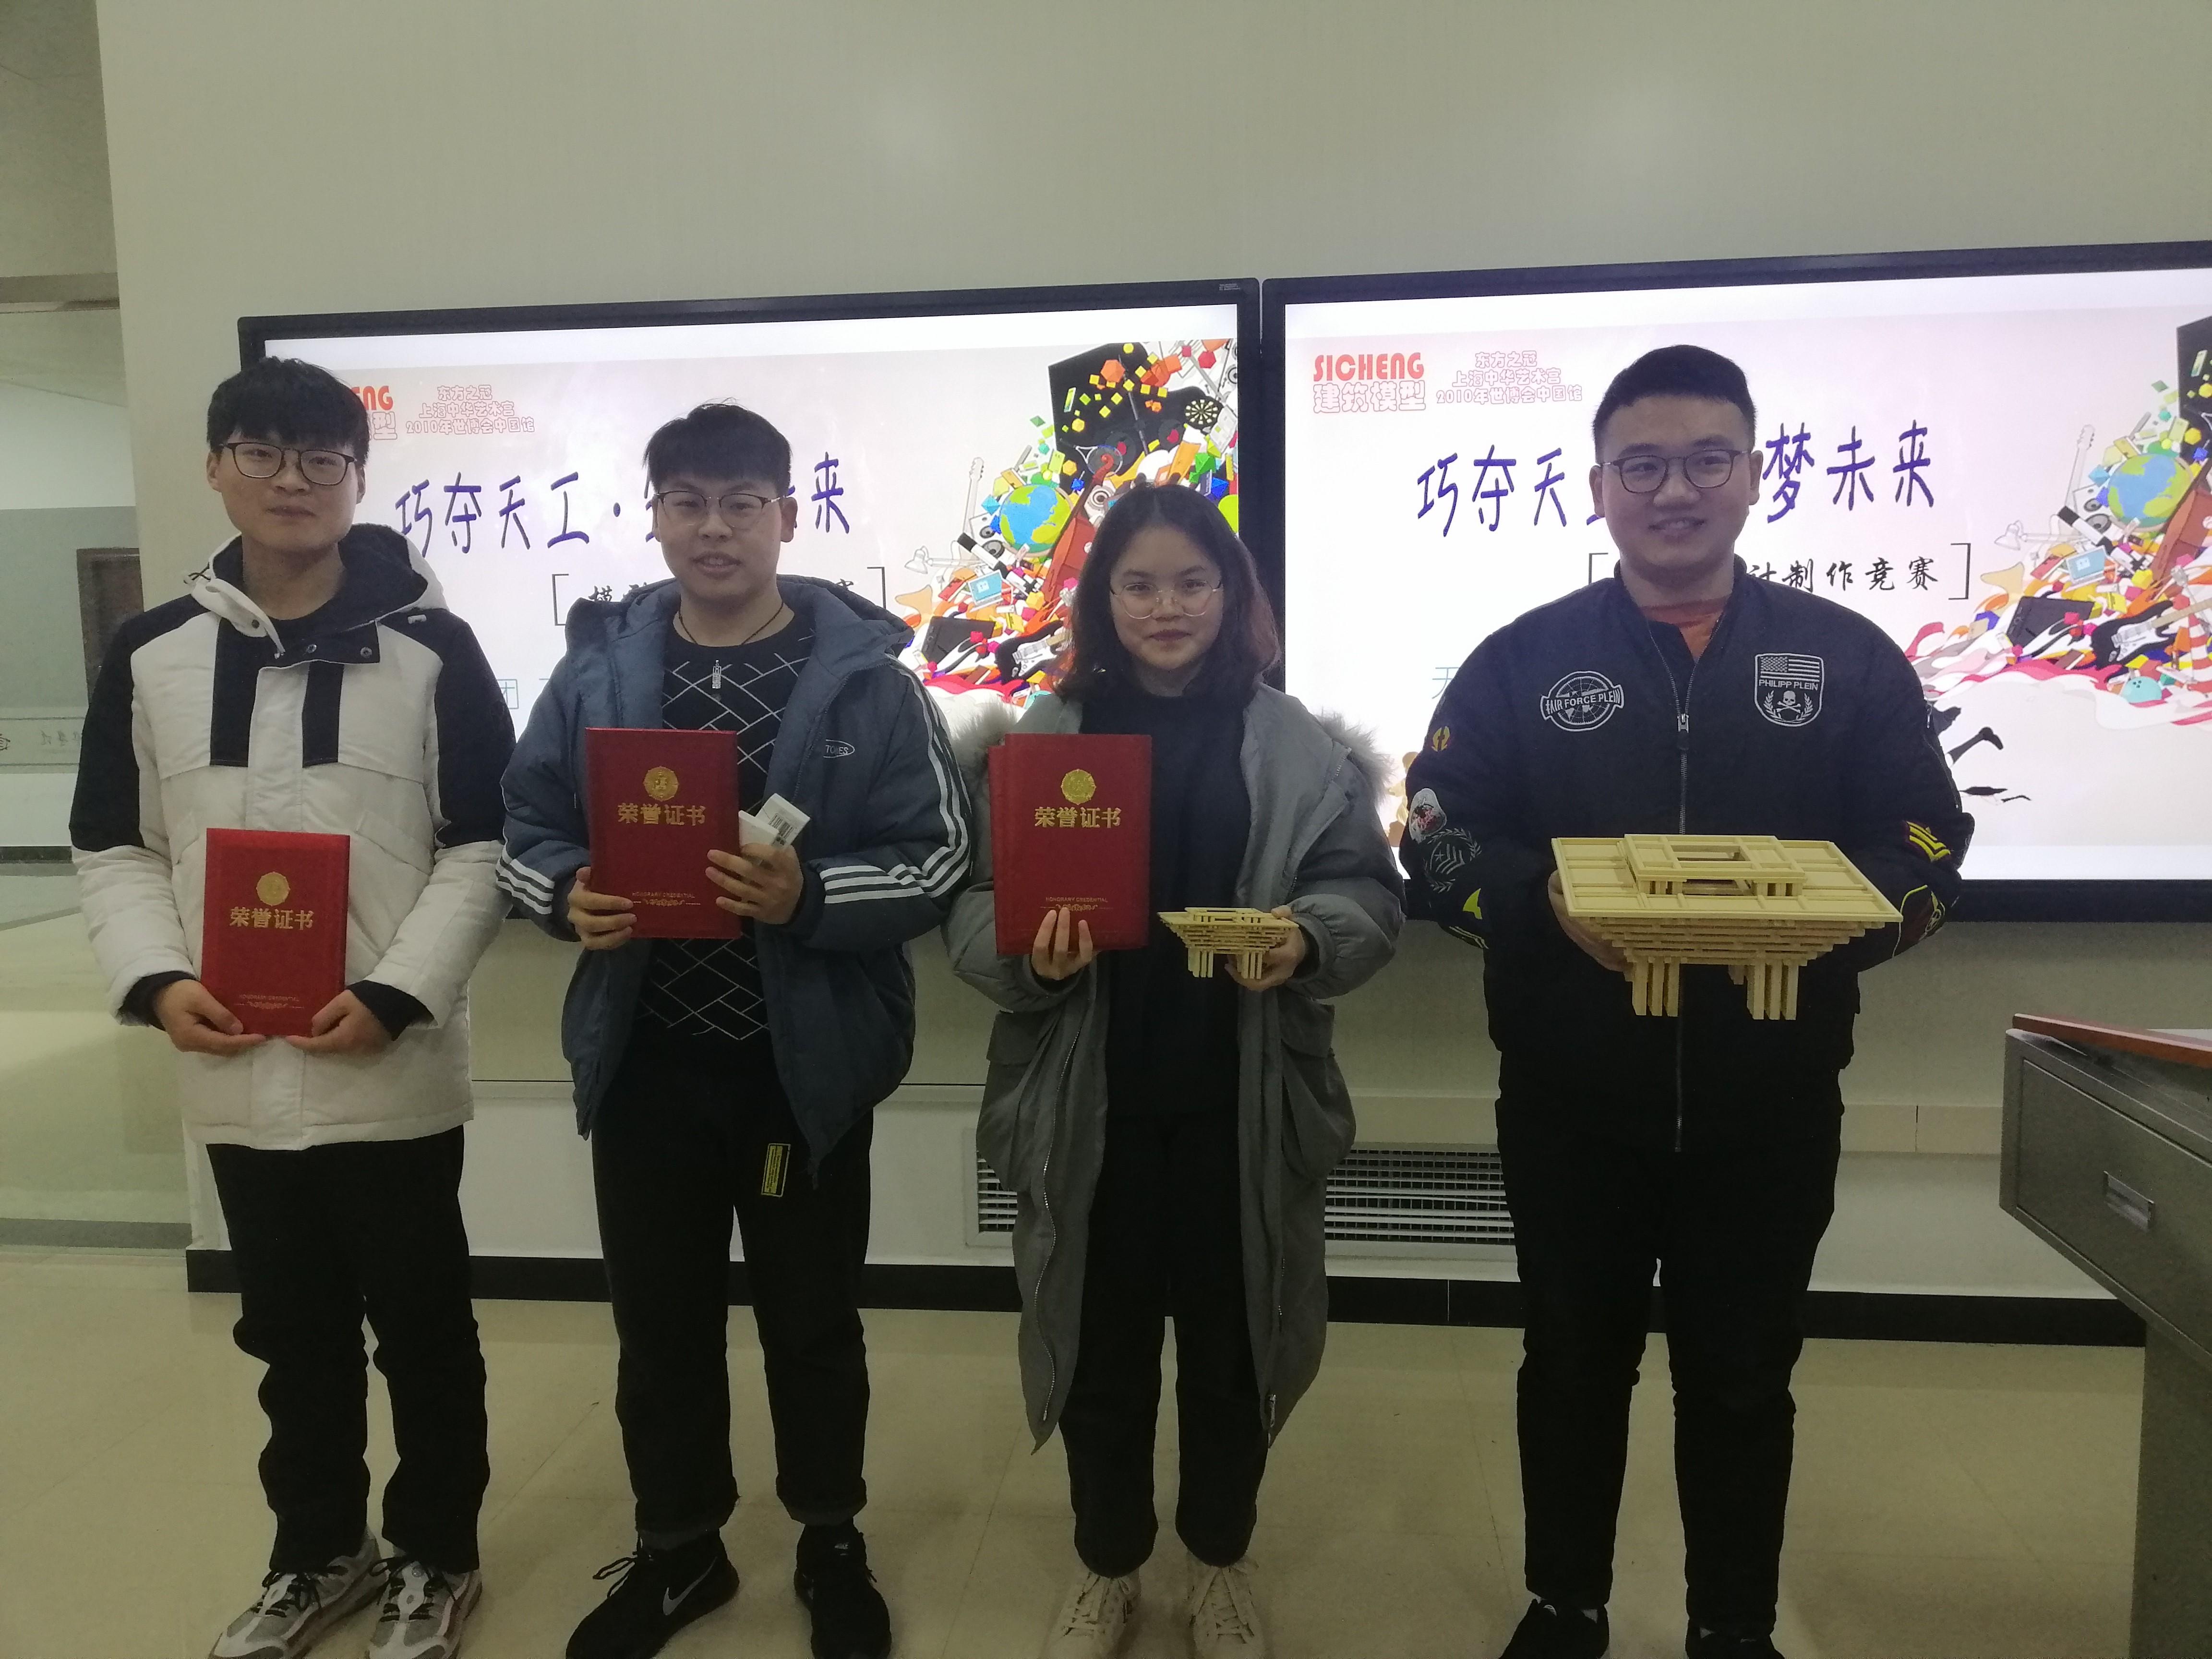 """""""巧夺天工·筑梦未来""""东方之冠模型制作竞赛颁奖仪式"""